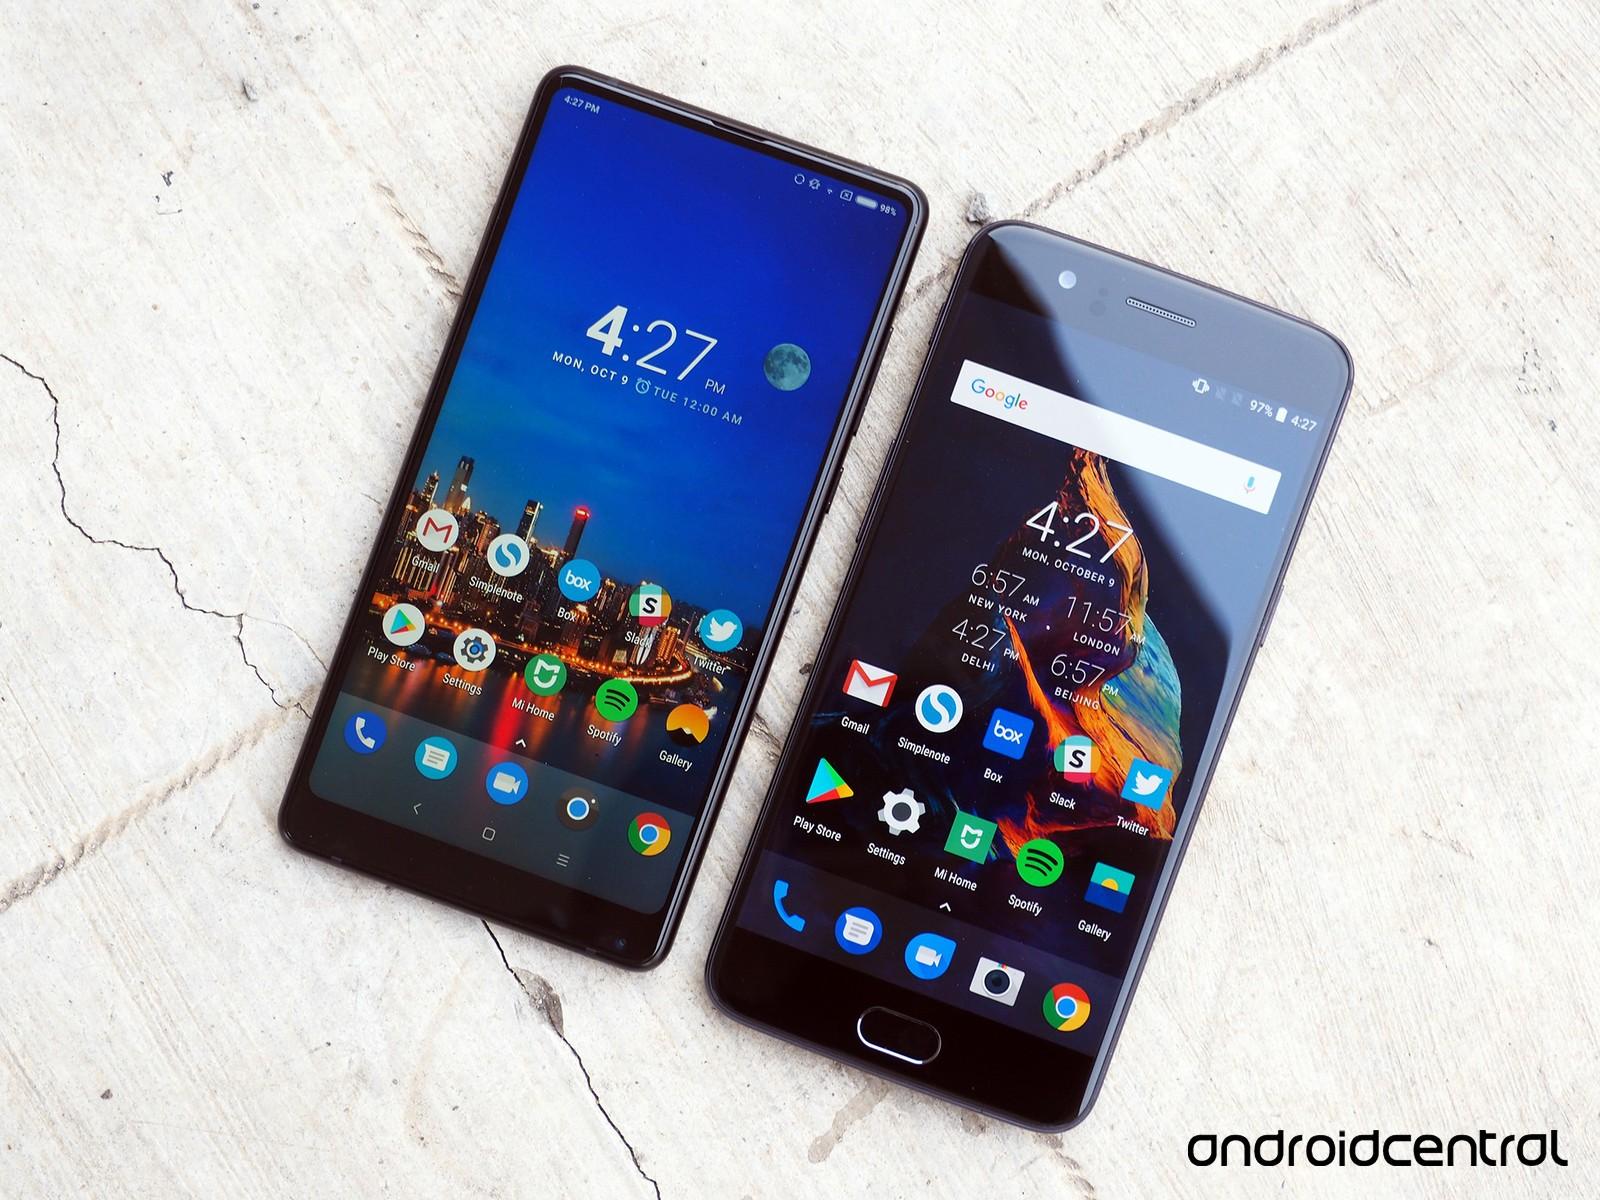 مقایسه Mi Mix 2 با OnePlus 5: گوشی های پرچم دار کمپانی های نوظهور چینی!